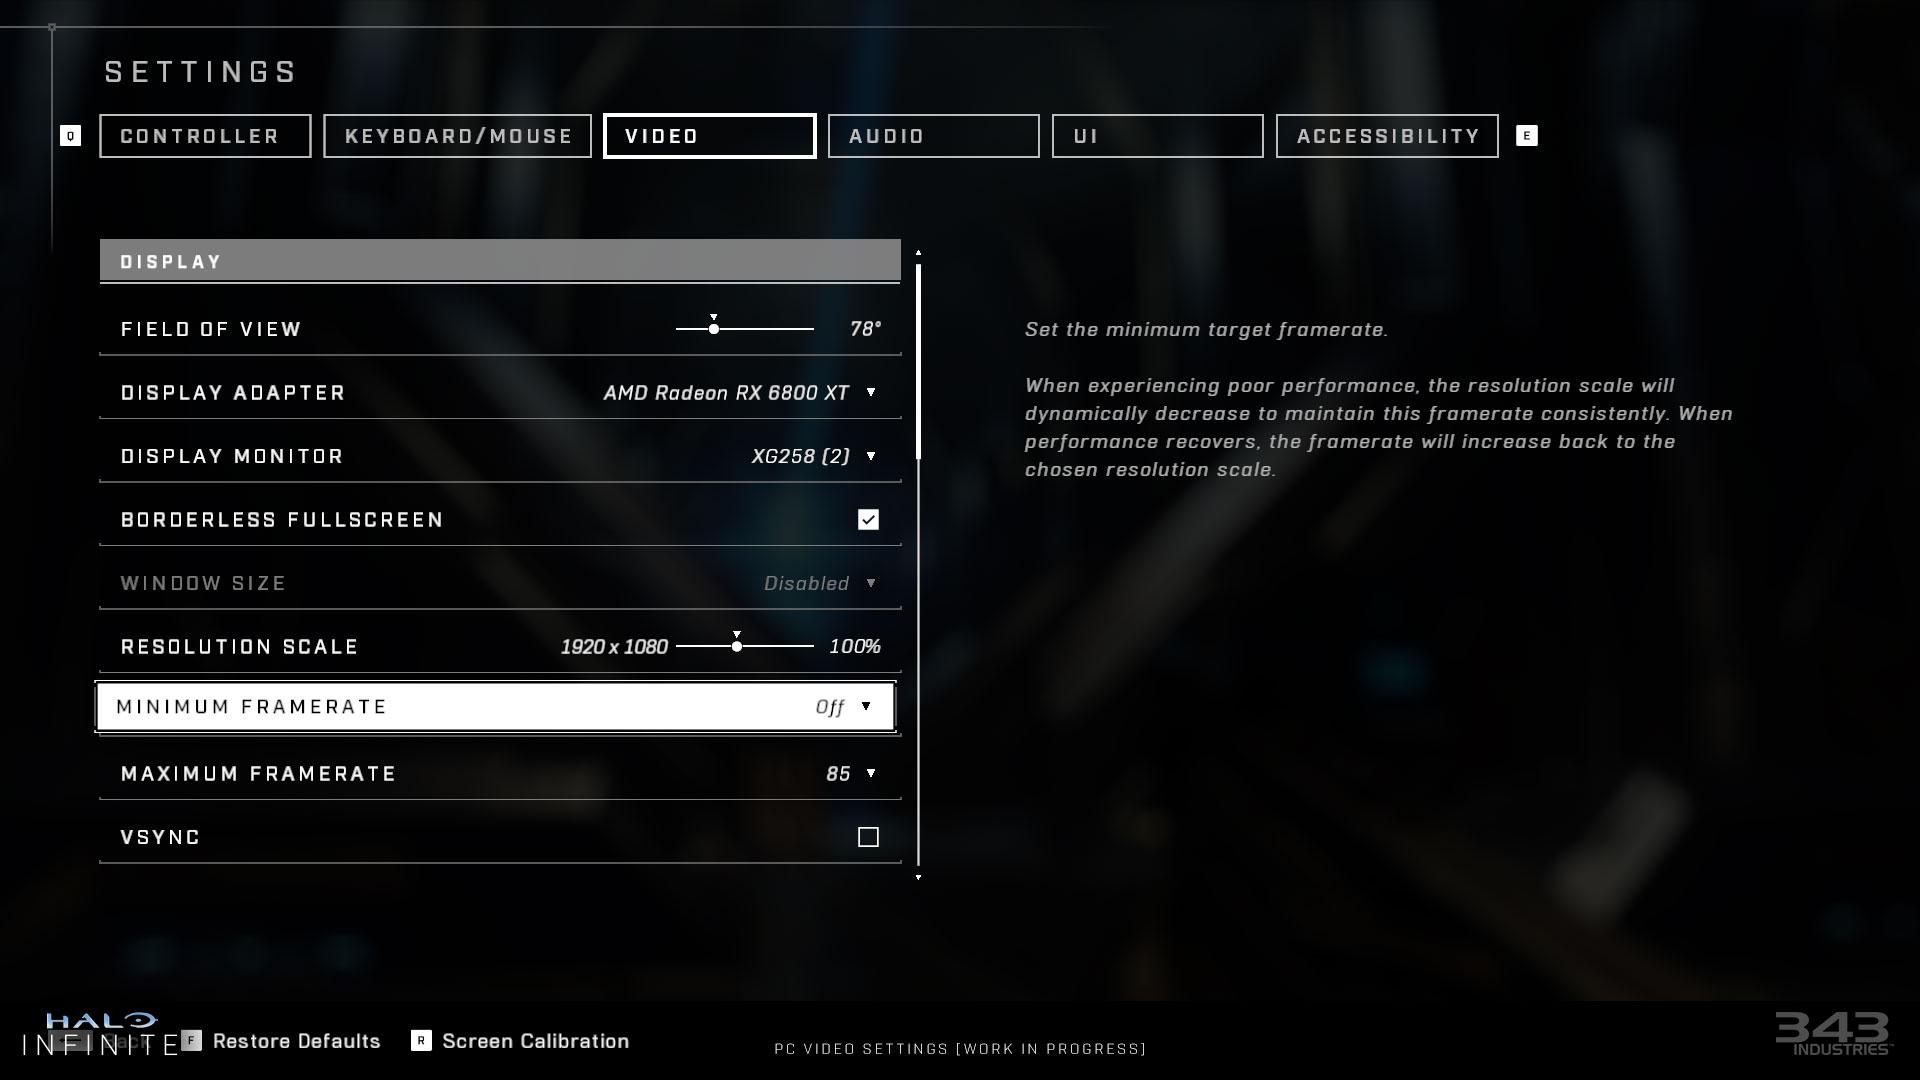 Desde 343 Industries señalan que hay planes ambiciosos para Halo Infinite para este verano